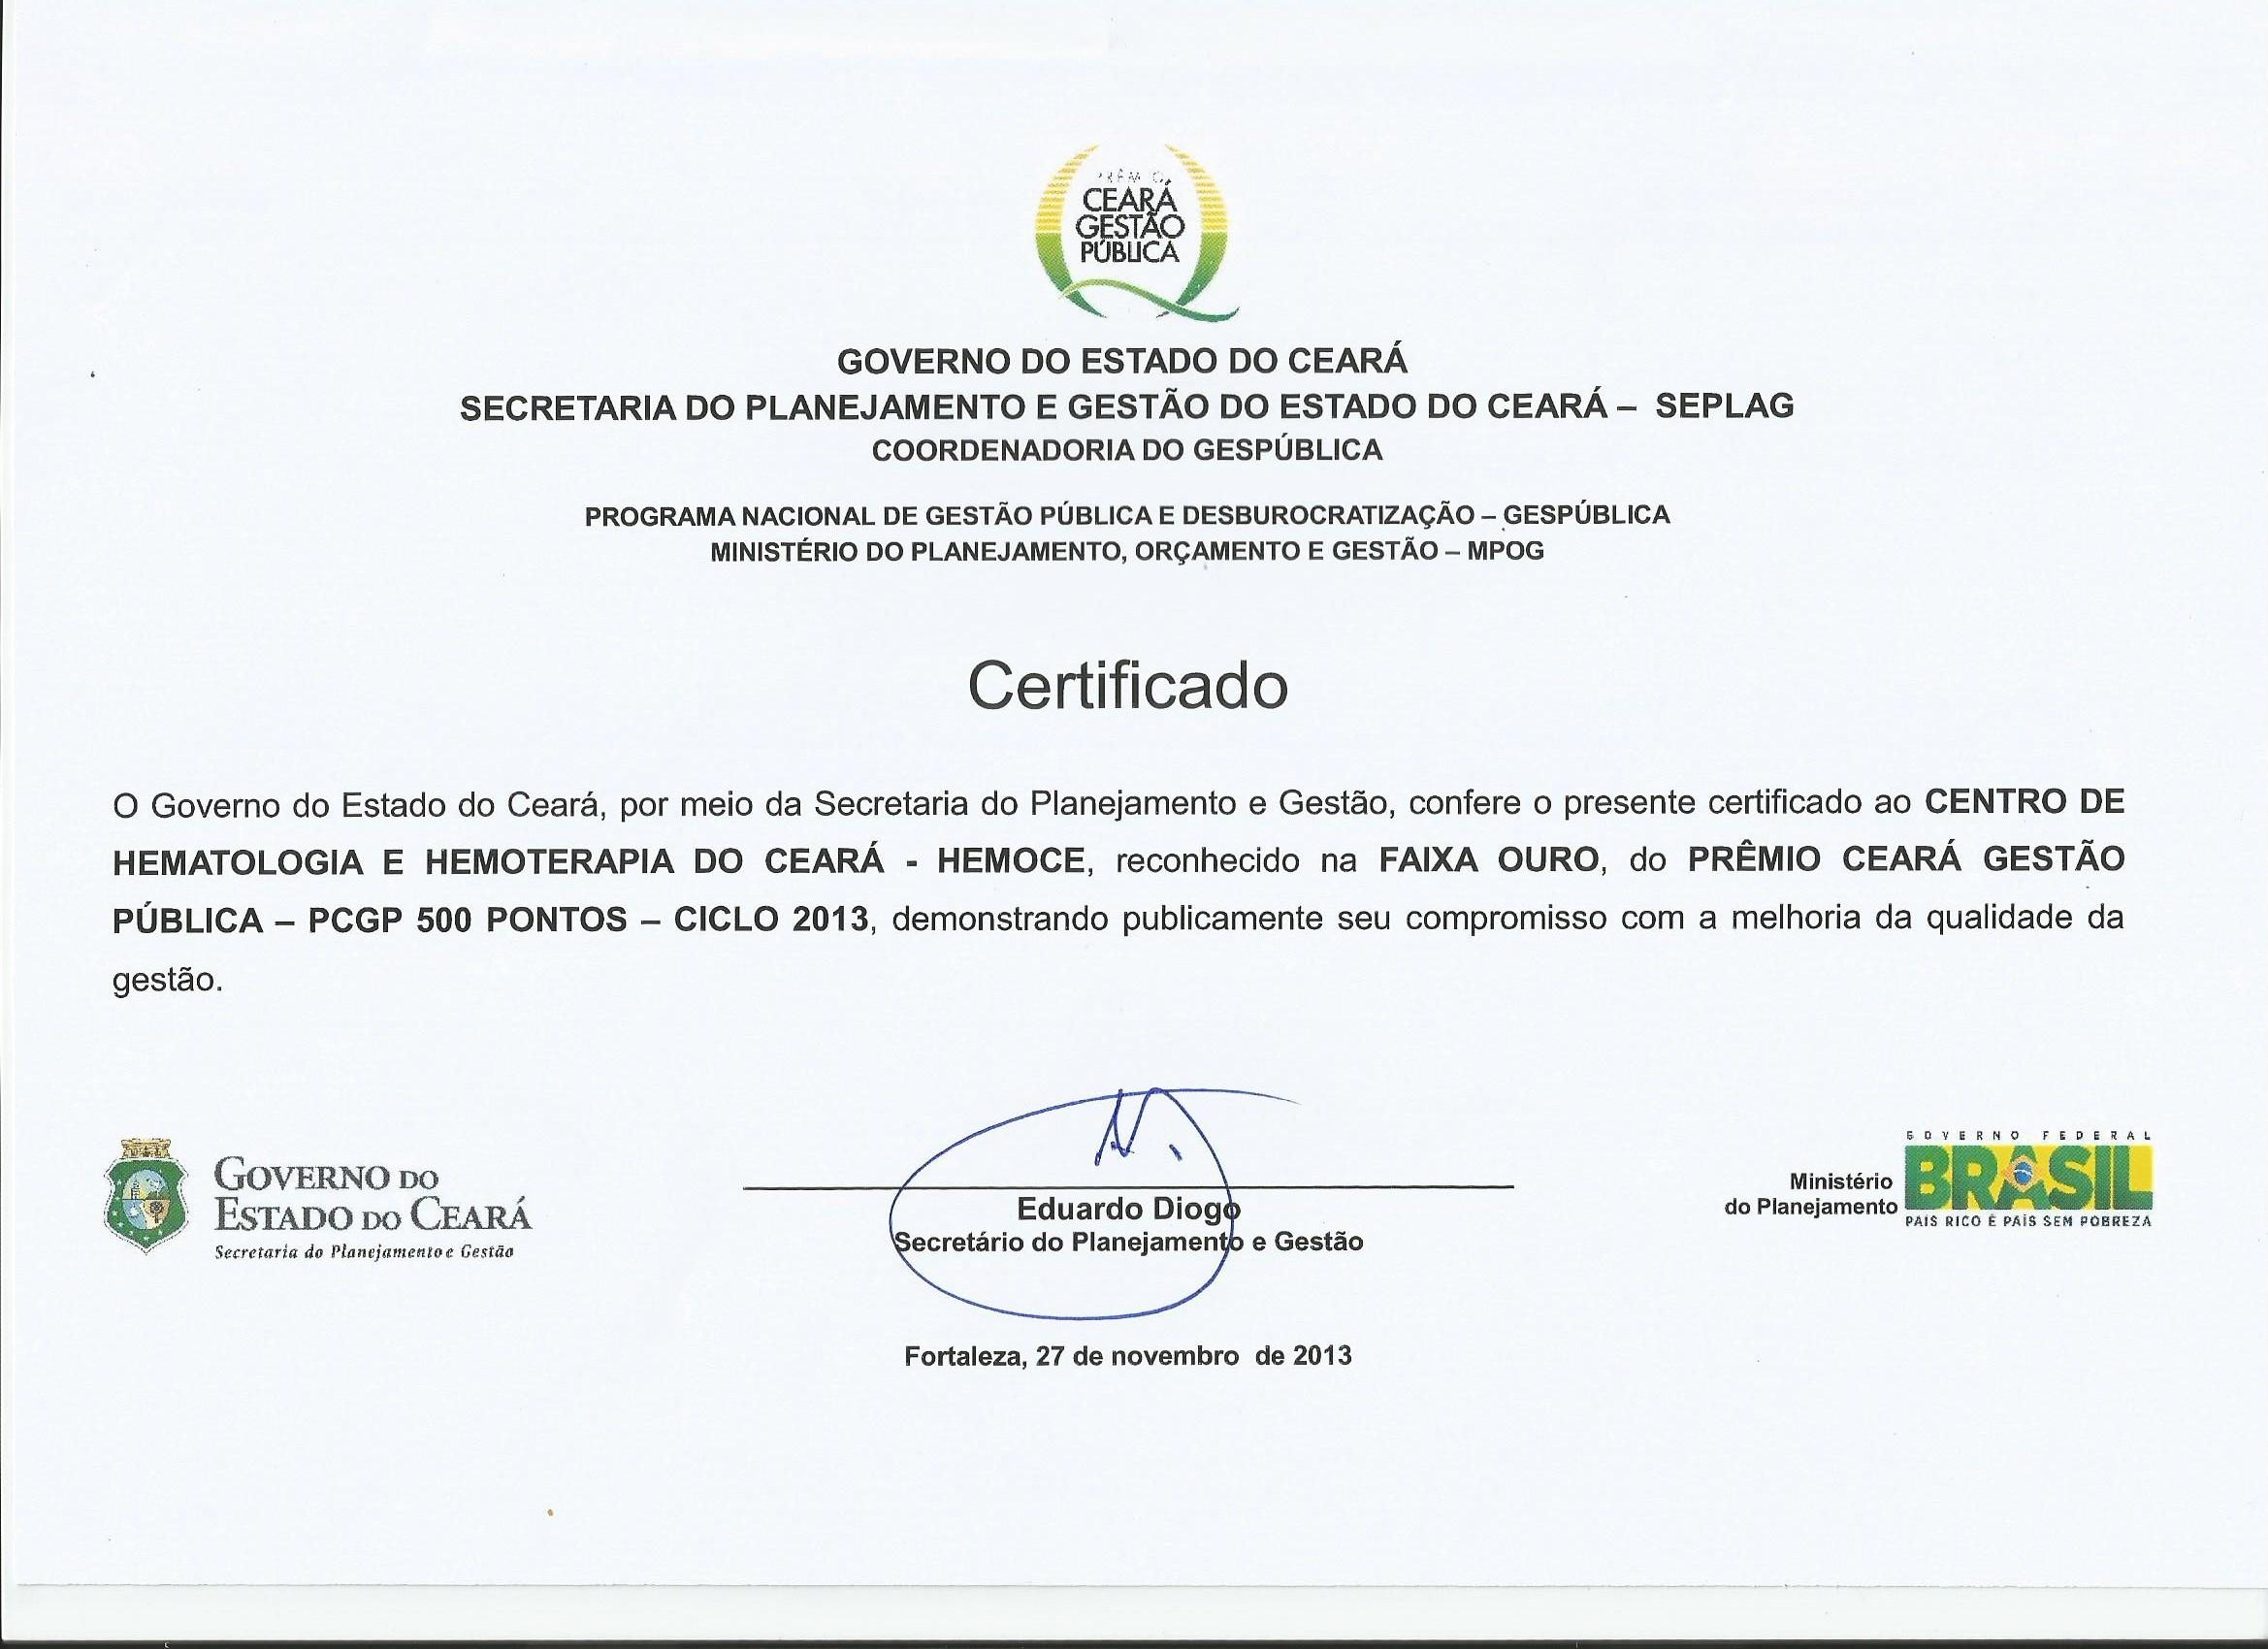 certificado faixa ouro